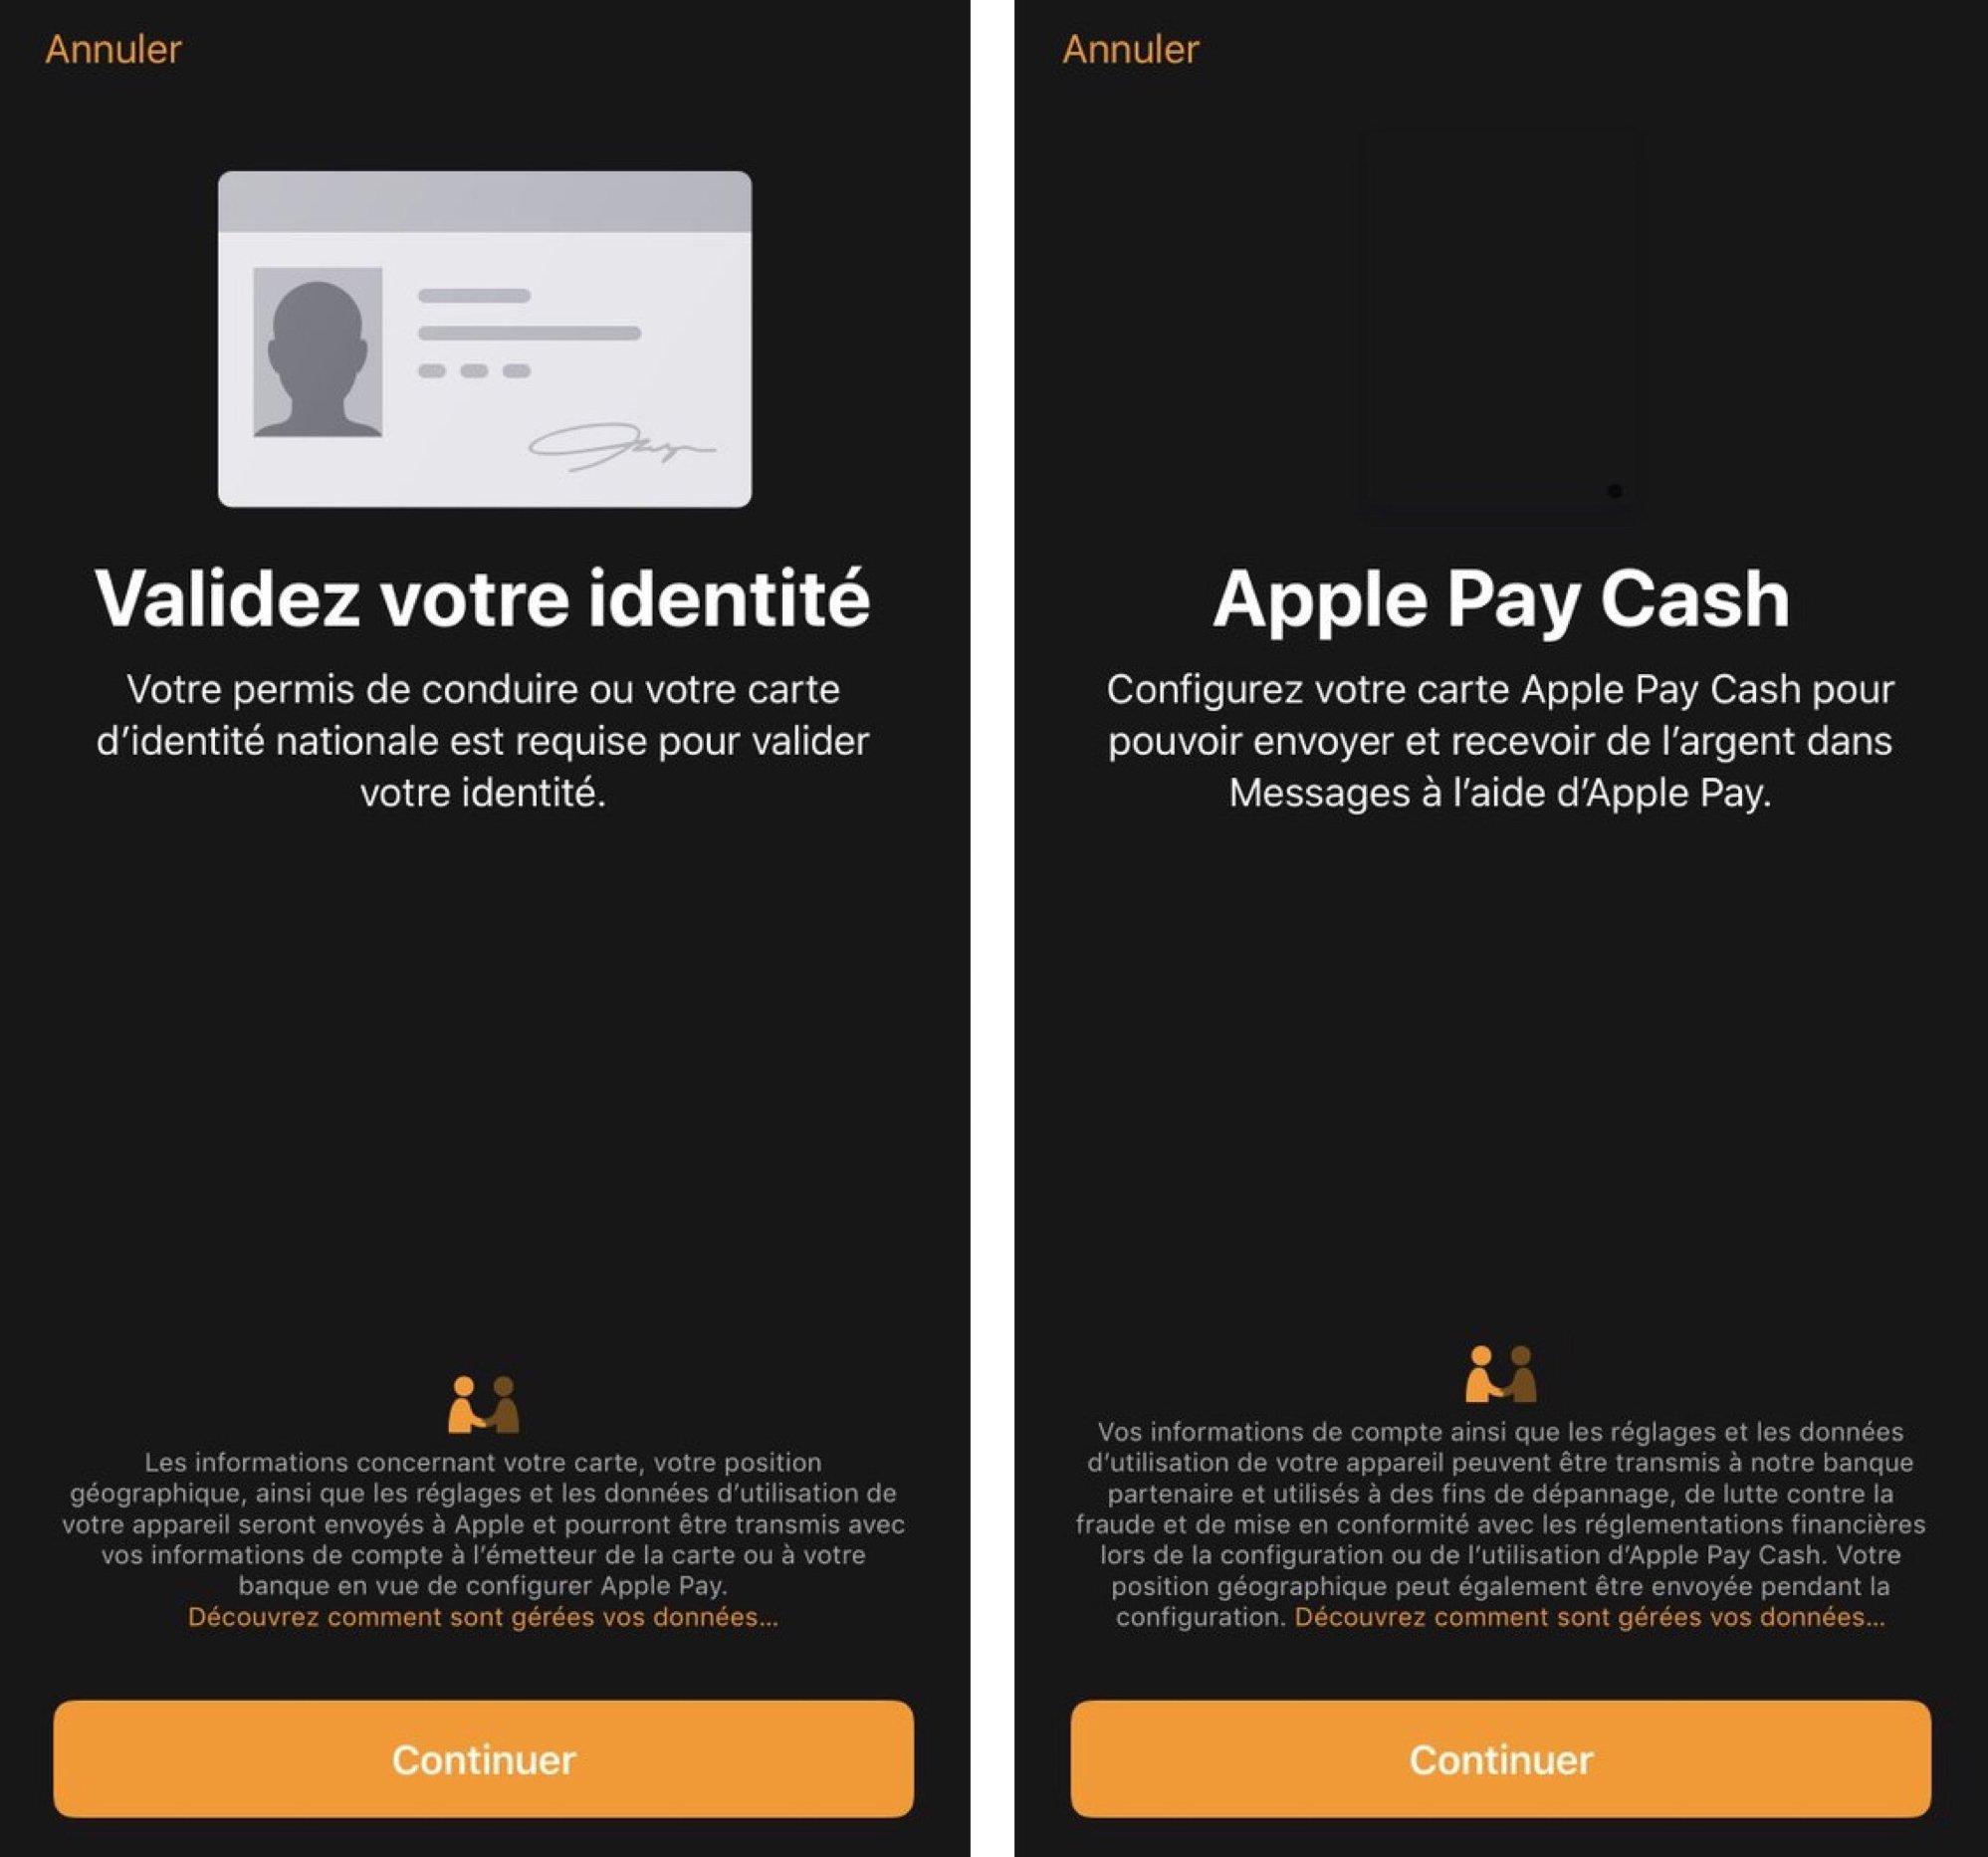 Apres Verification Matthieu Utilise IOS 12 Pas La Beta 121 Et Un IPhone XS Max Recemment Configure Banque Concernee Est Populaire